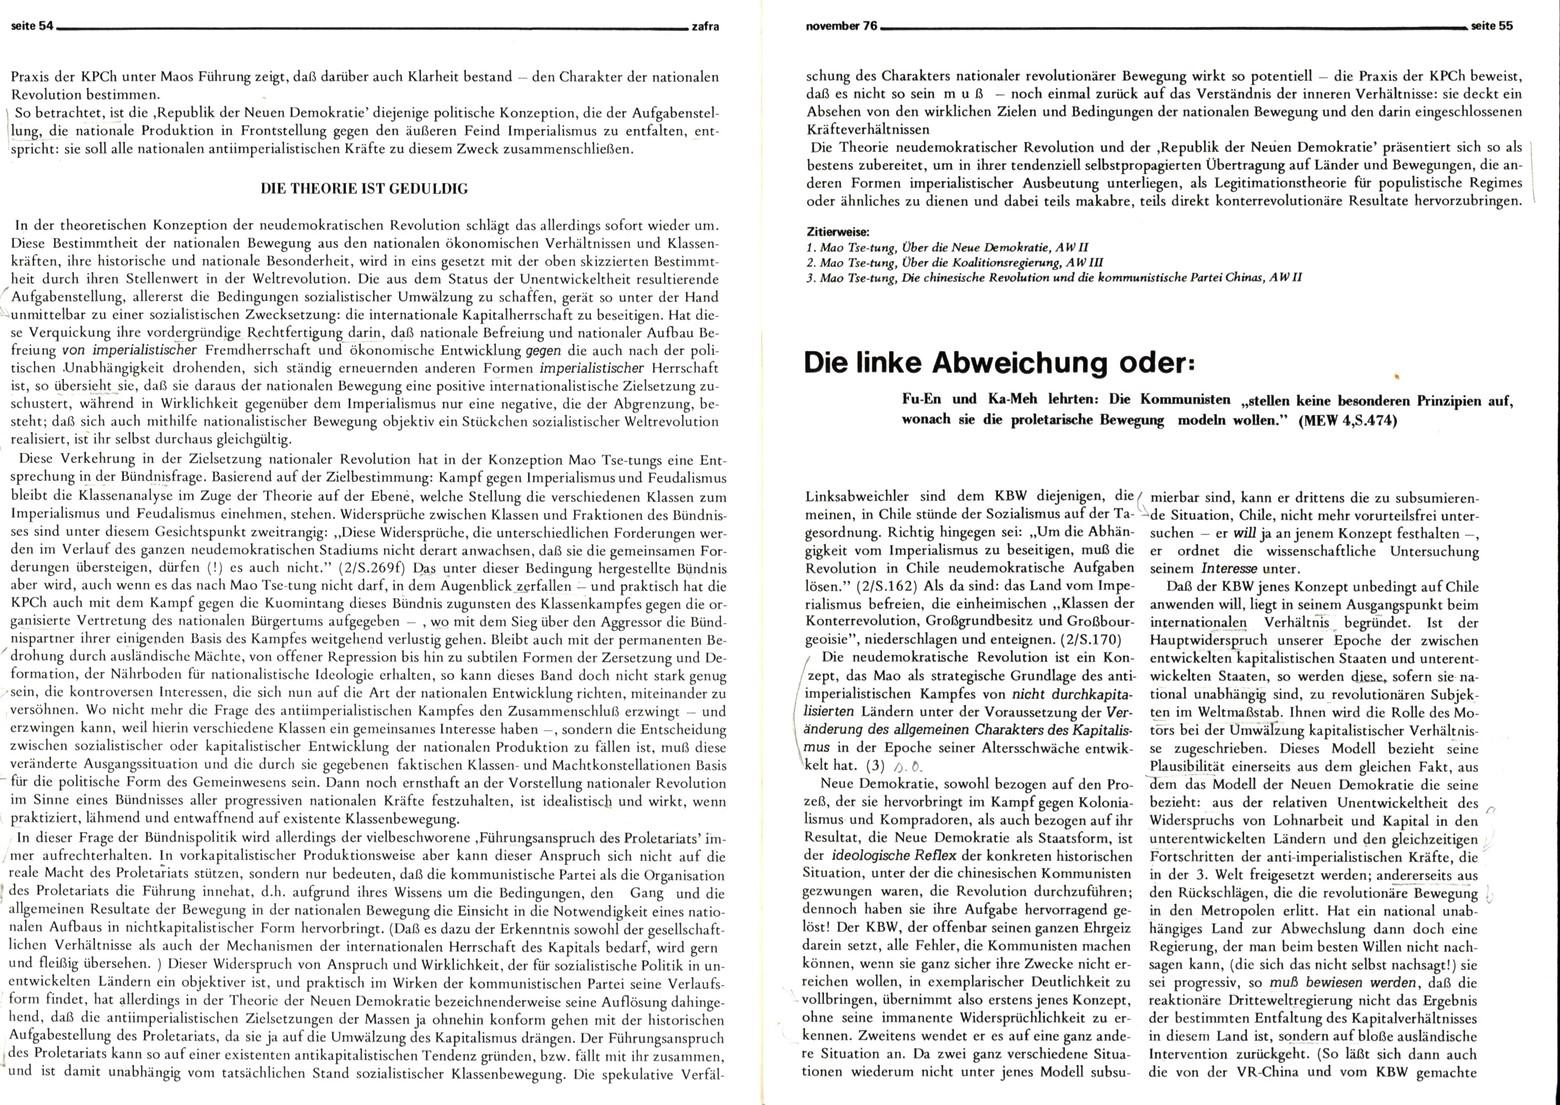 Bonn_ZAFRA_02_19761100_28